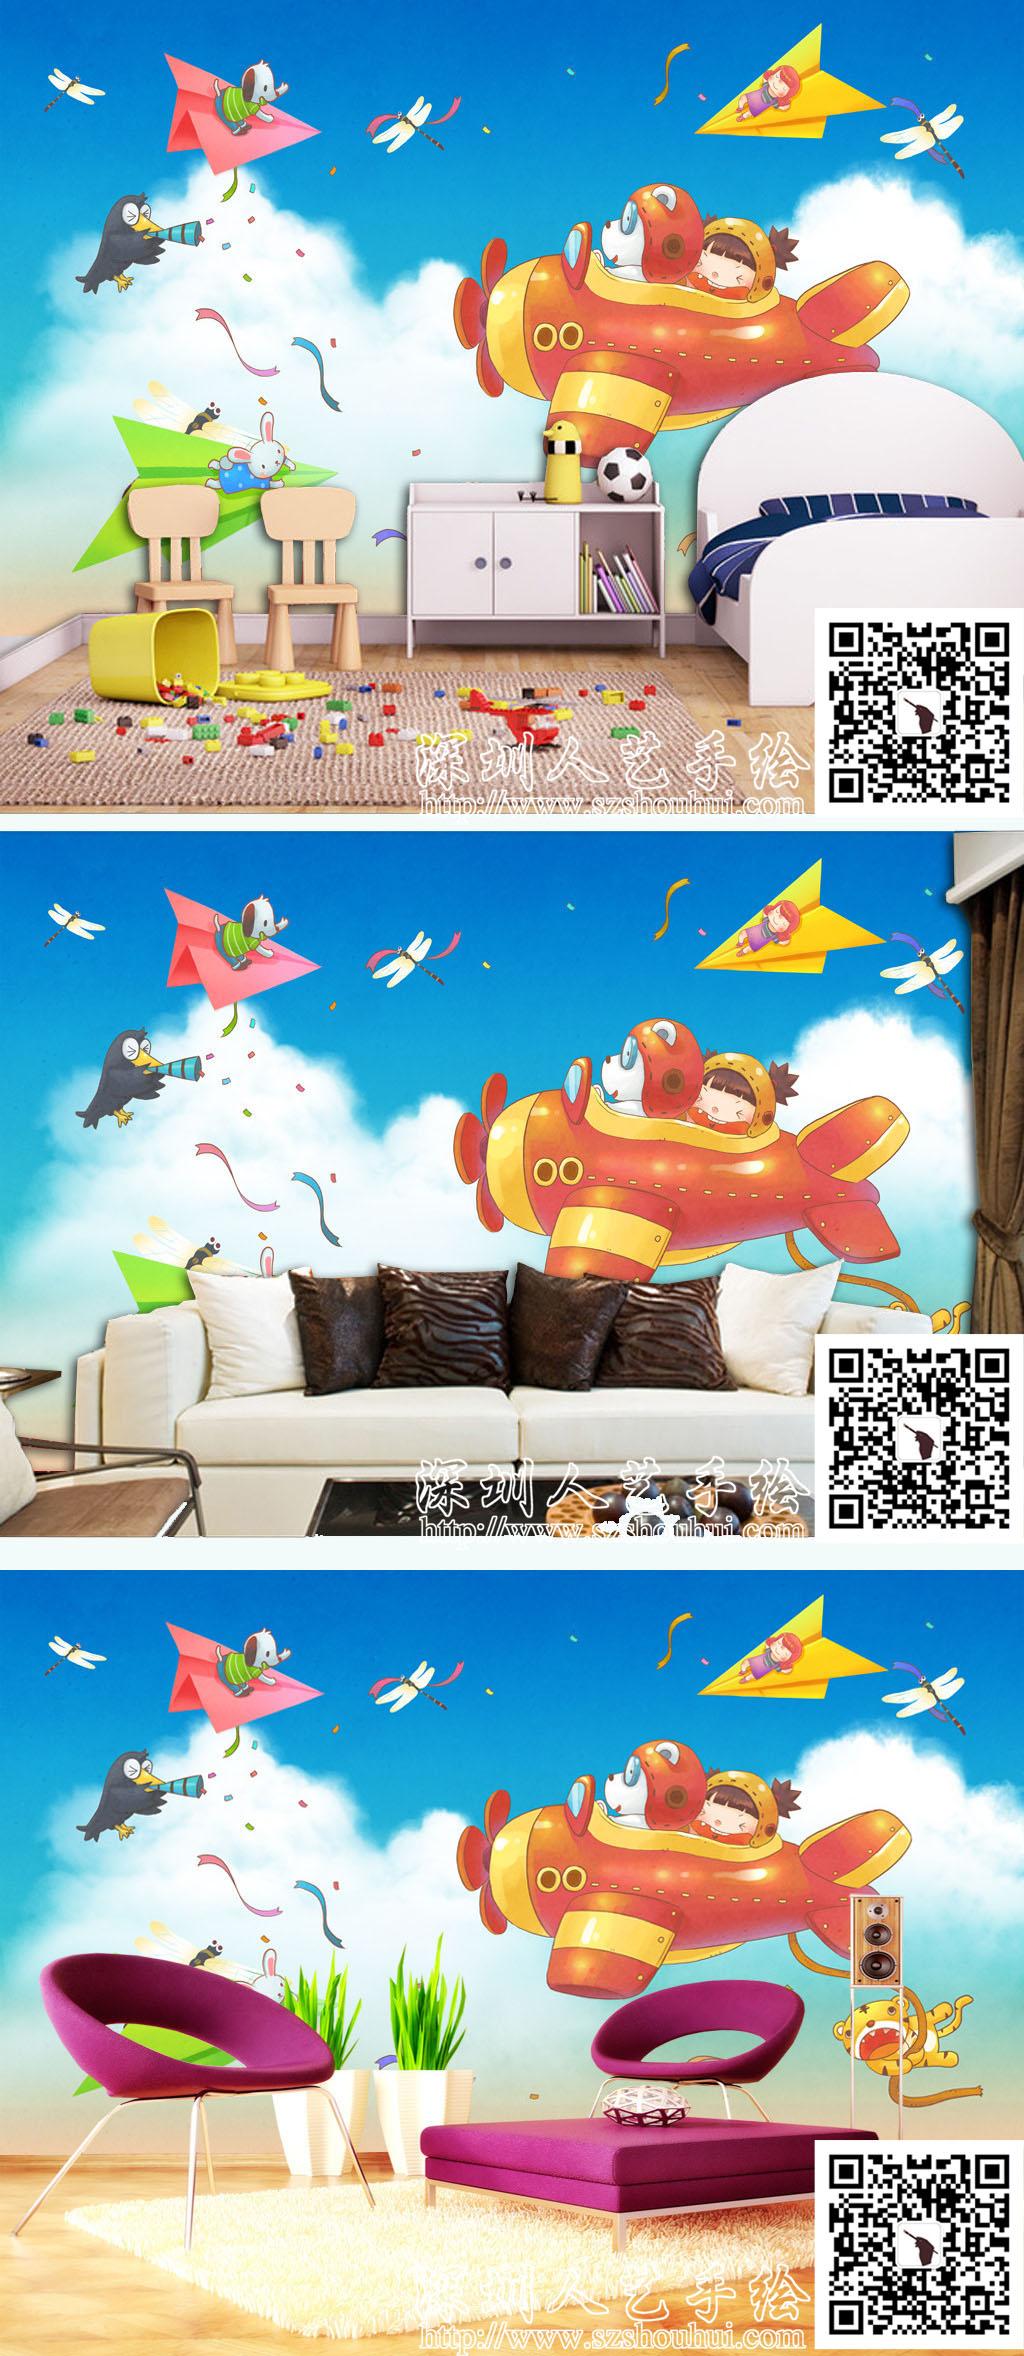 儿童房手绘56bOOOPIC29_1024